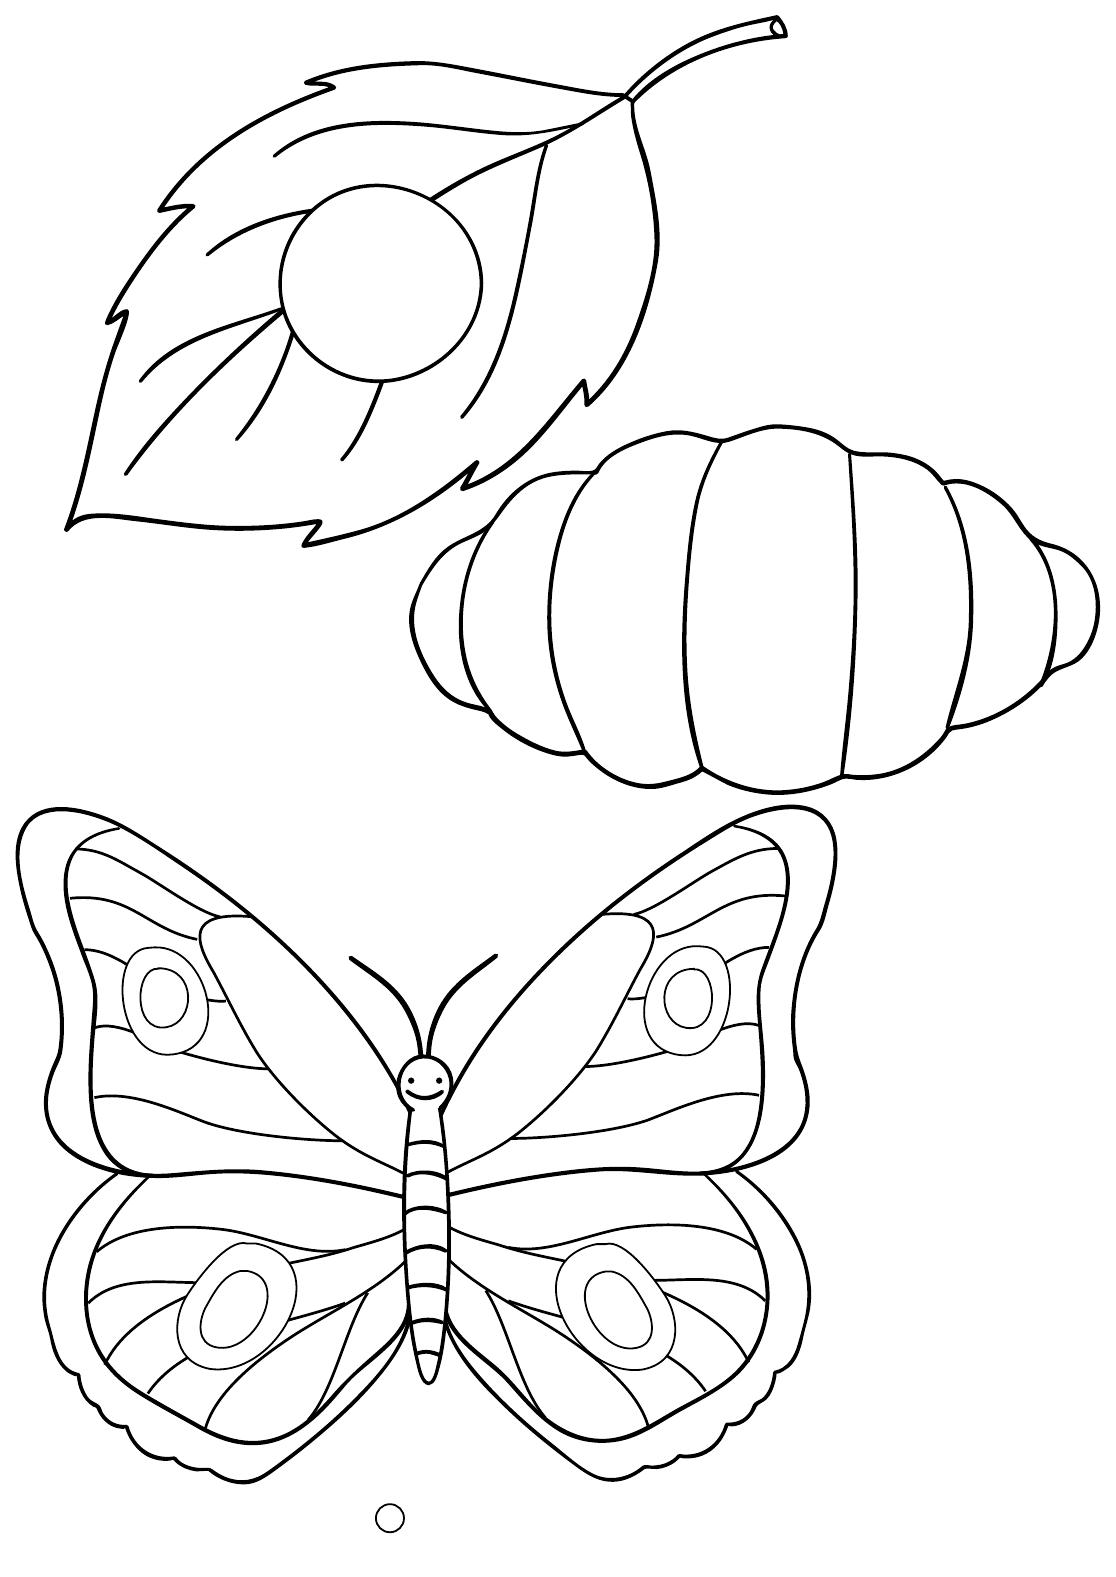 Worksheet Preschool Bugs Rainbows